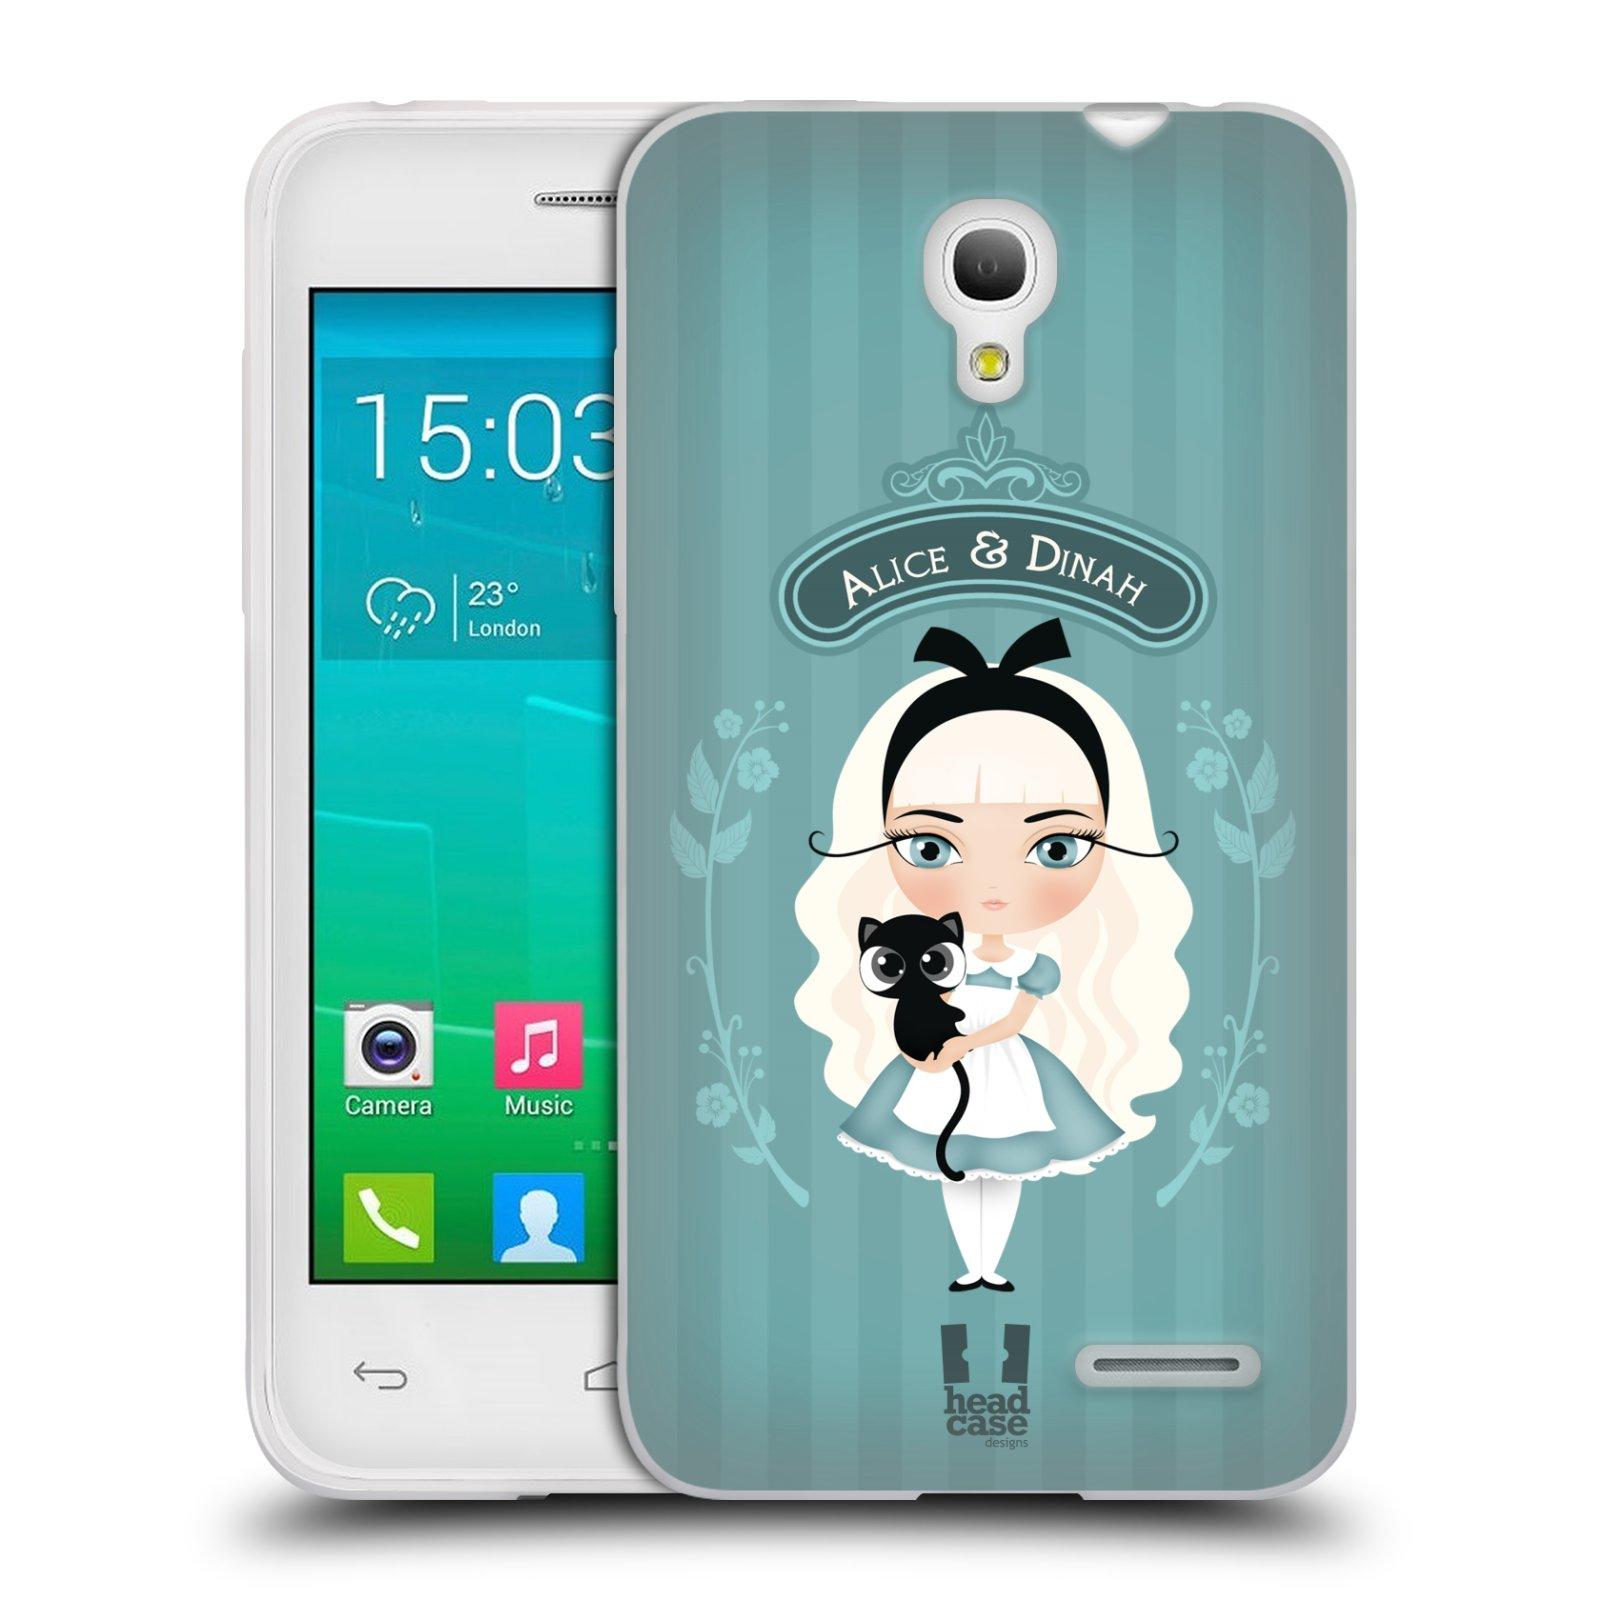 HEAD CASE silikonový obal na mobil Alcatel POP S3 OT-5050Y vzor Alenka v říši divů Alenka